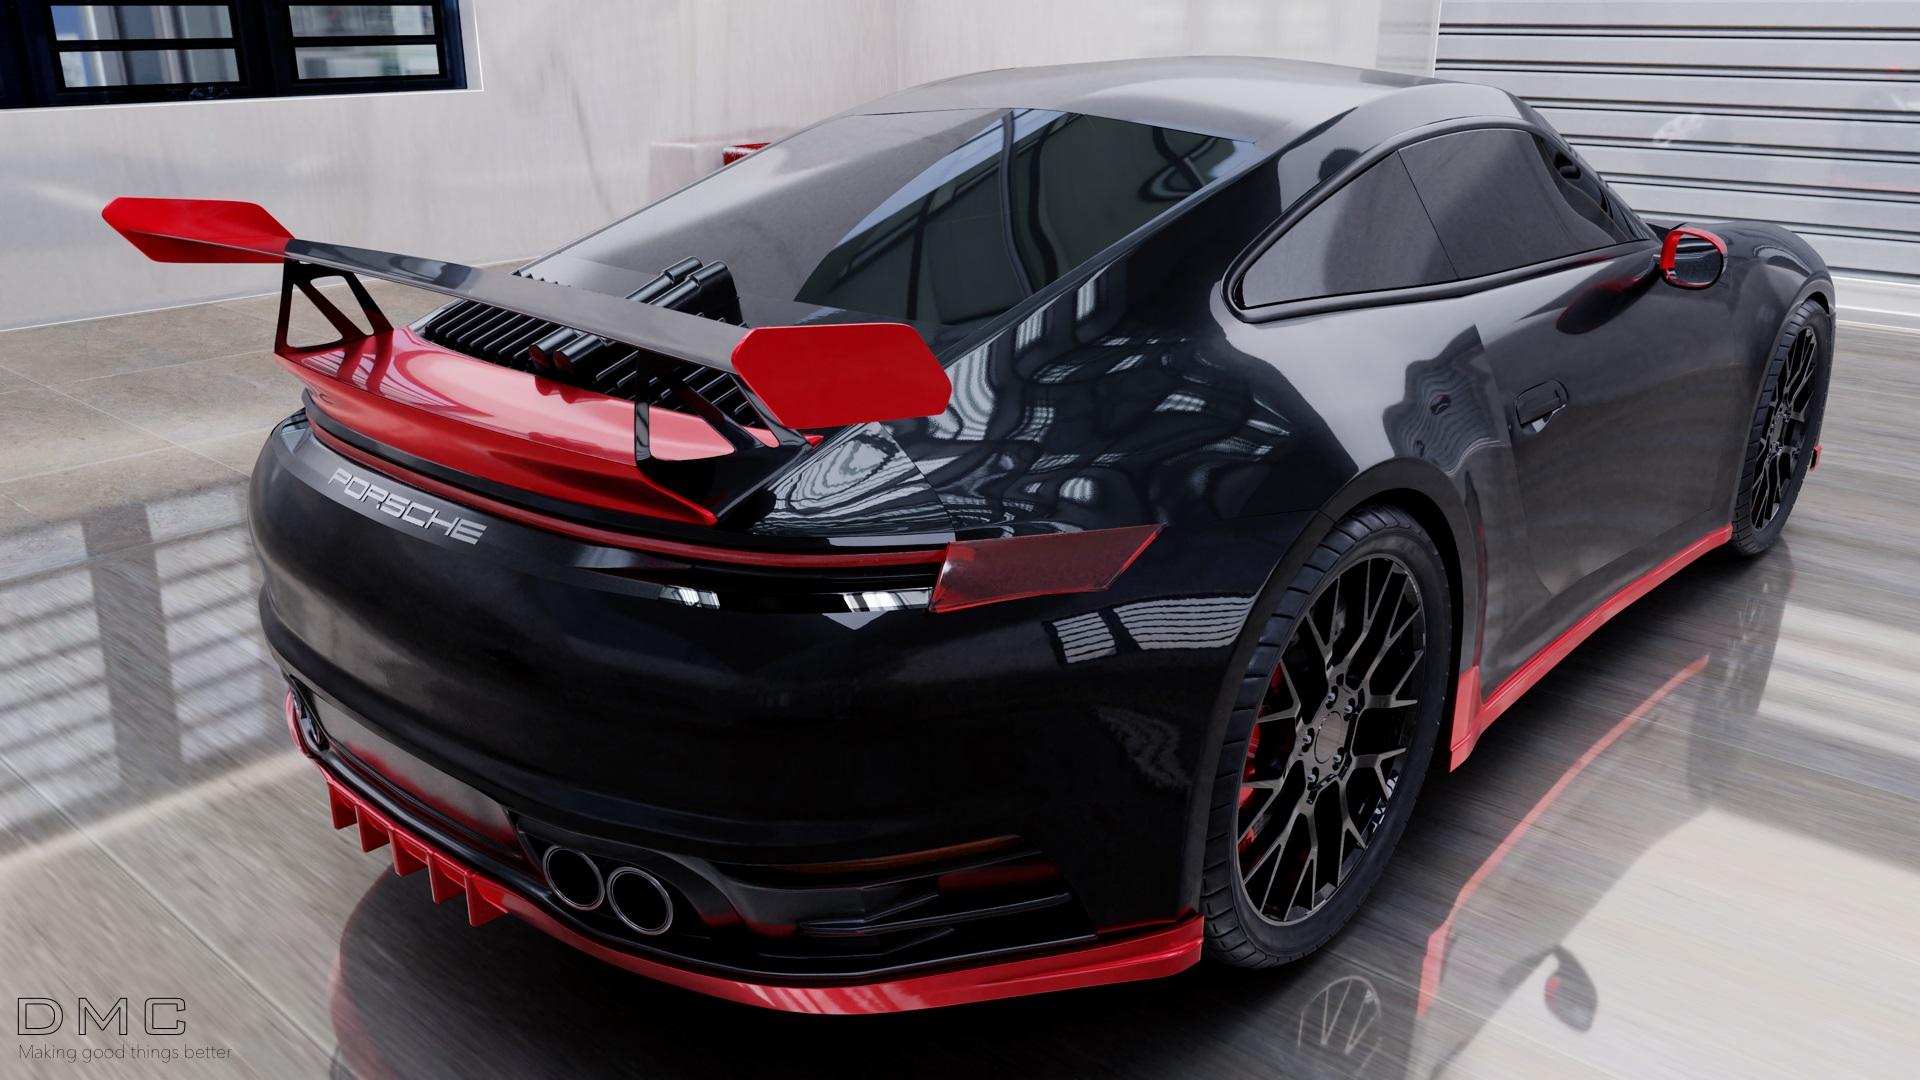 Porsche-911-992-by-DMC-4